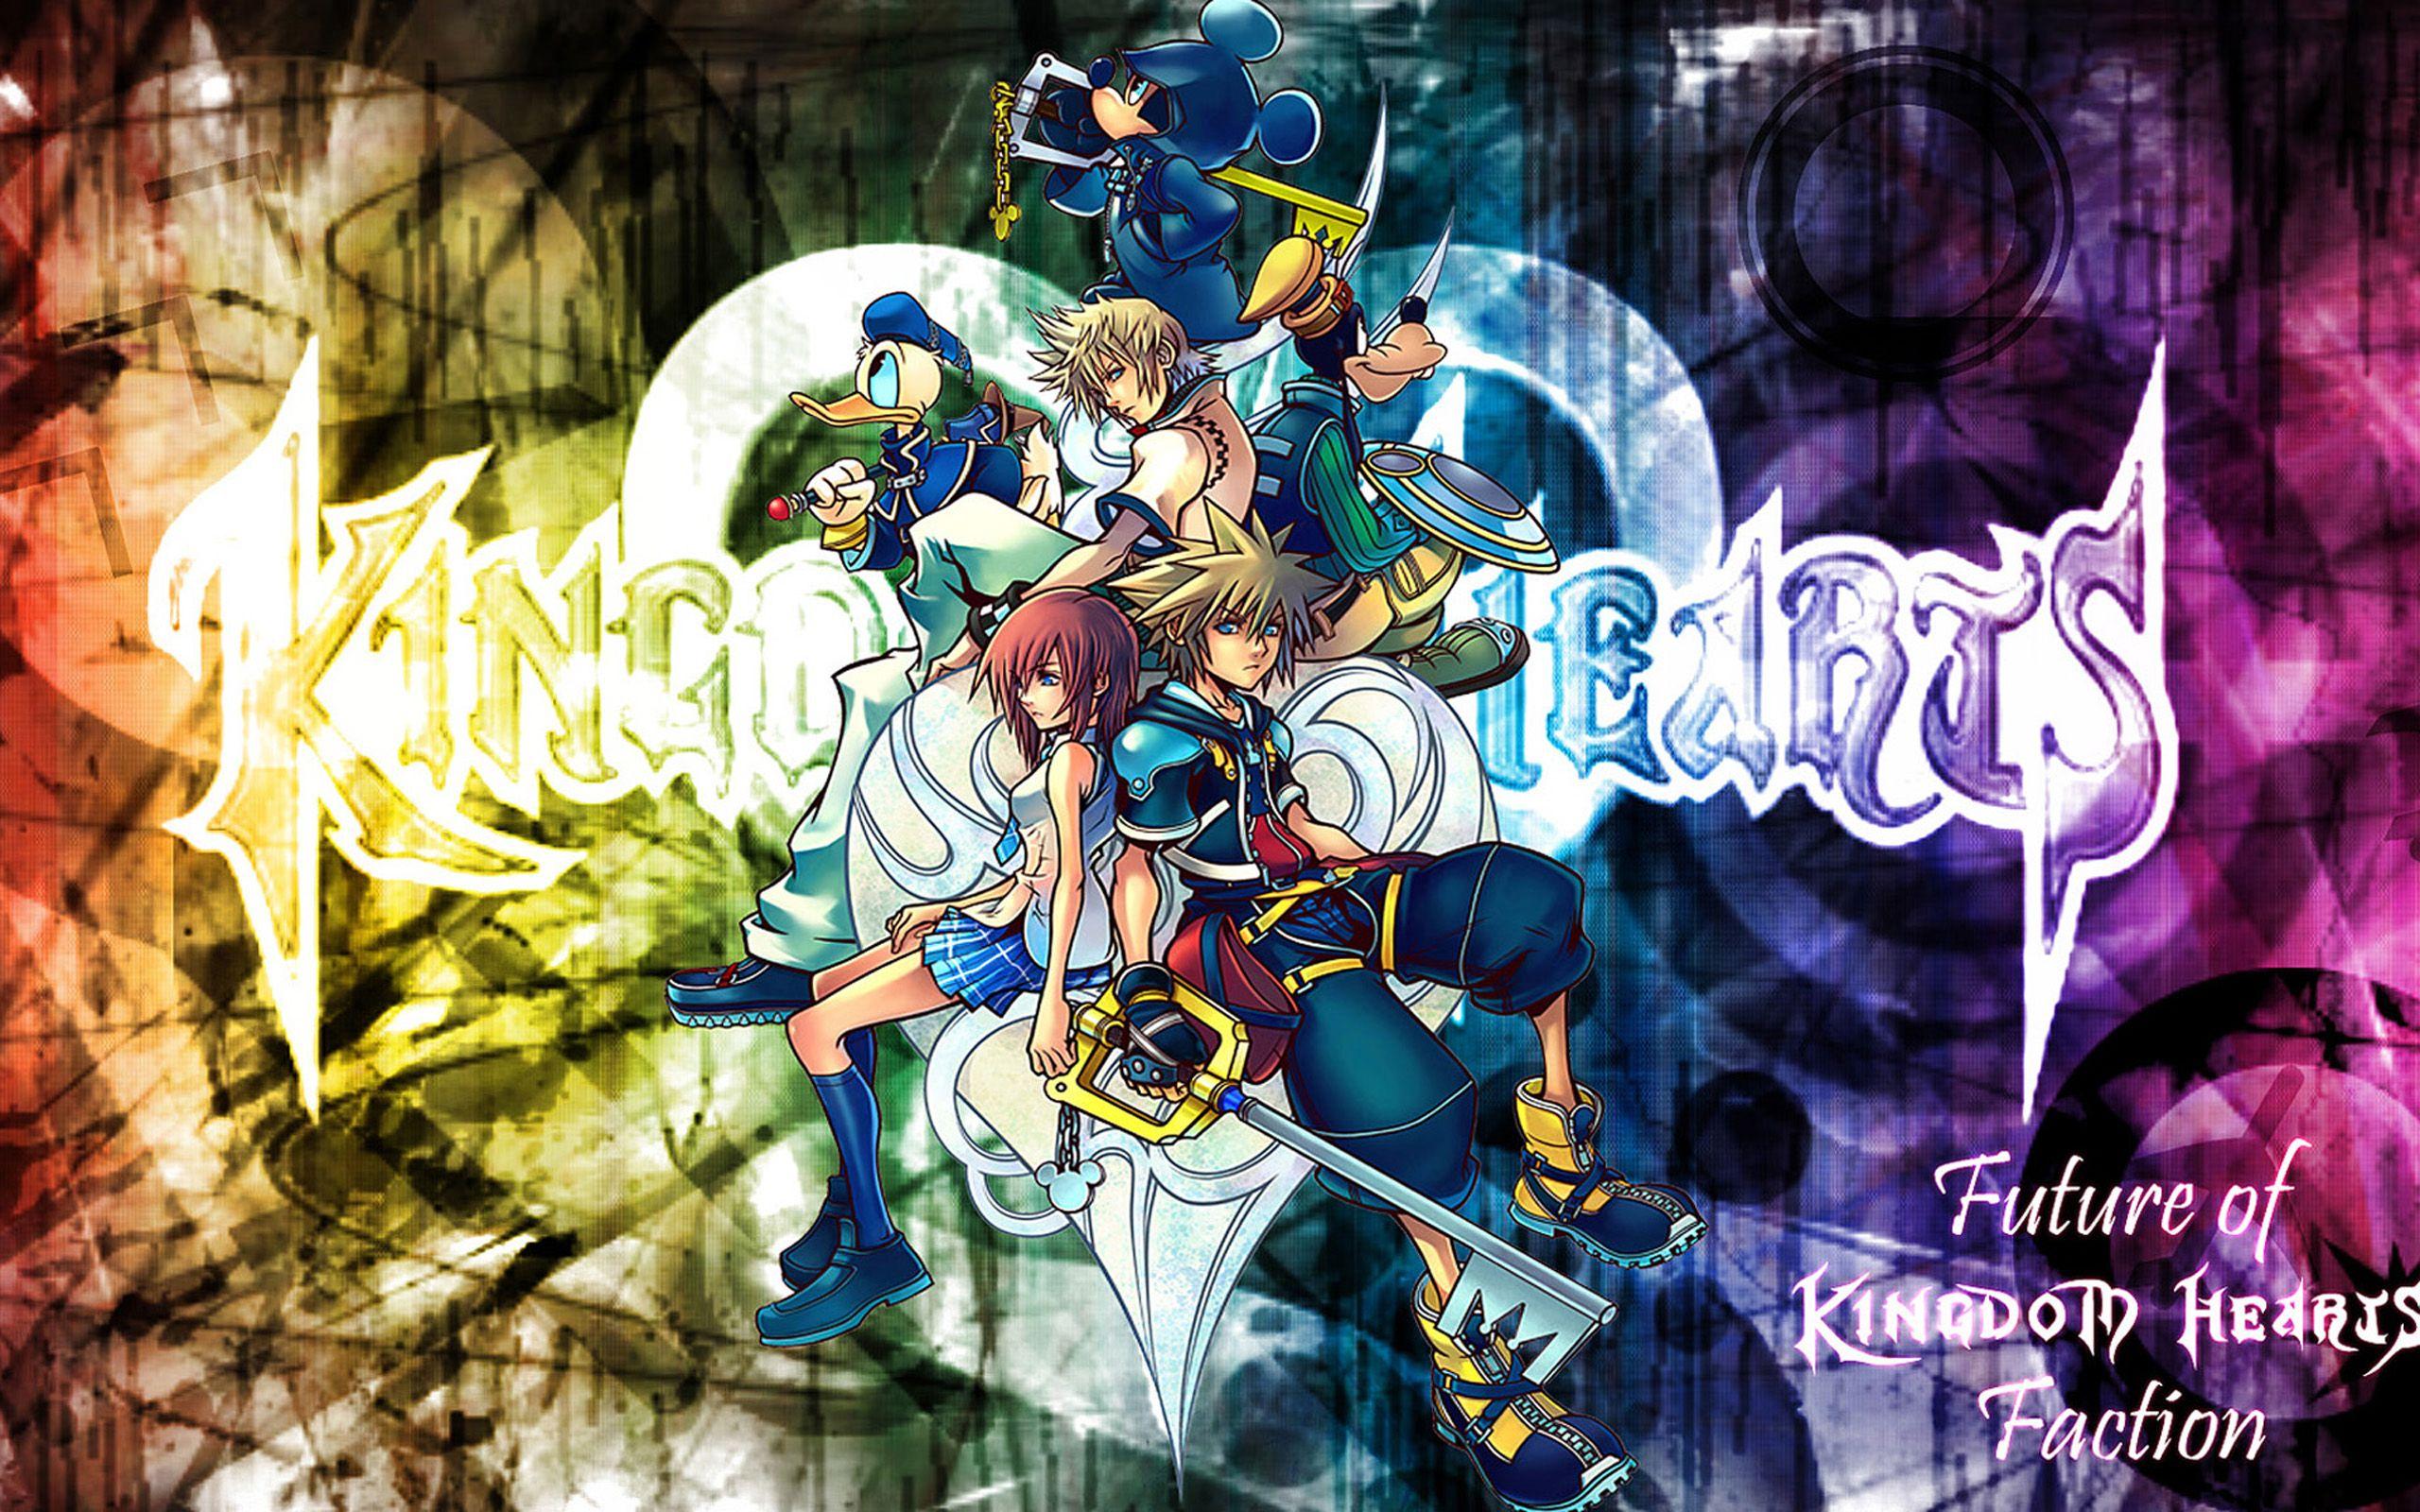 Kingdom Hearts Cool Wallpaper 2560x1600 Jpg 2560 1600 Kingdom Hearts Characters Kingdom Hearts Ii Kingdom Hearts Wallpaper